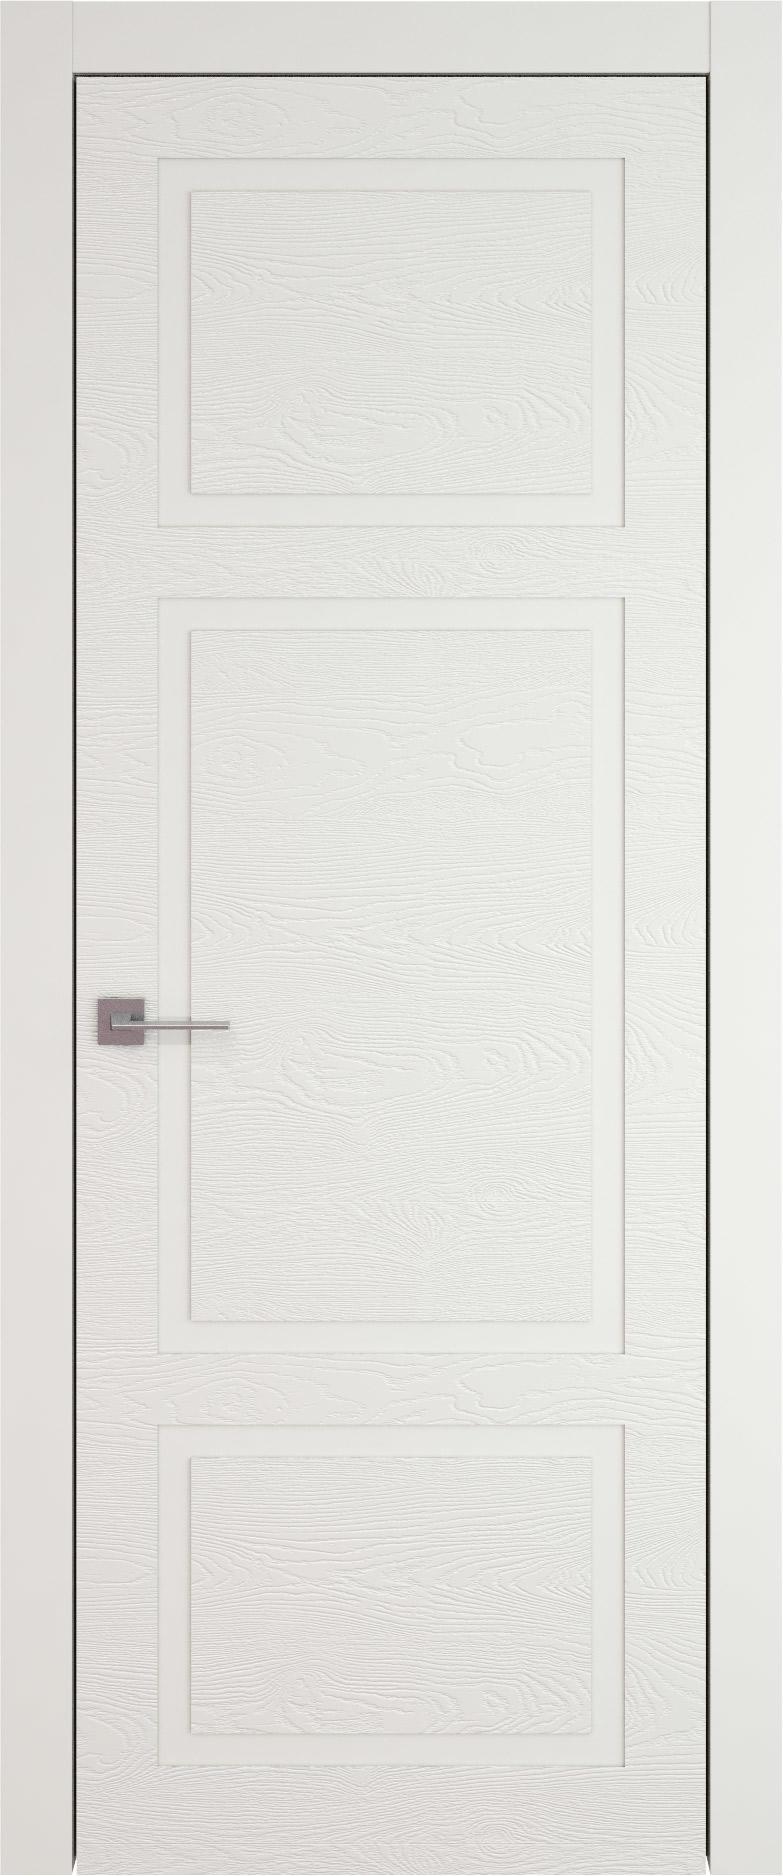 Tivoli К-5 цвет - Бежевая эмаль по шпону (RAL 9010) Без стекла (ДГ)